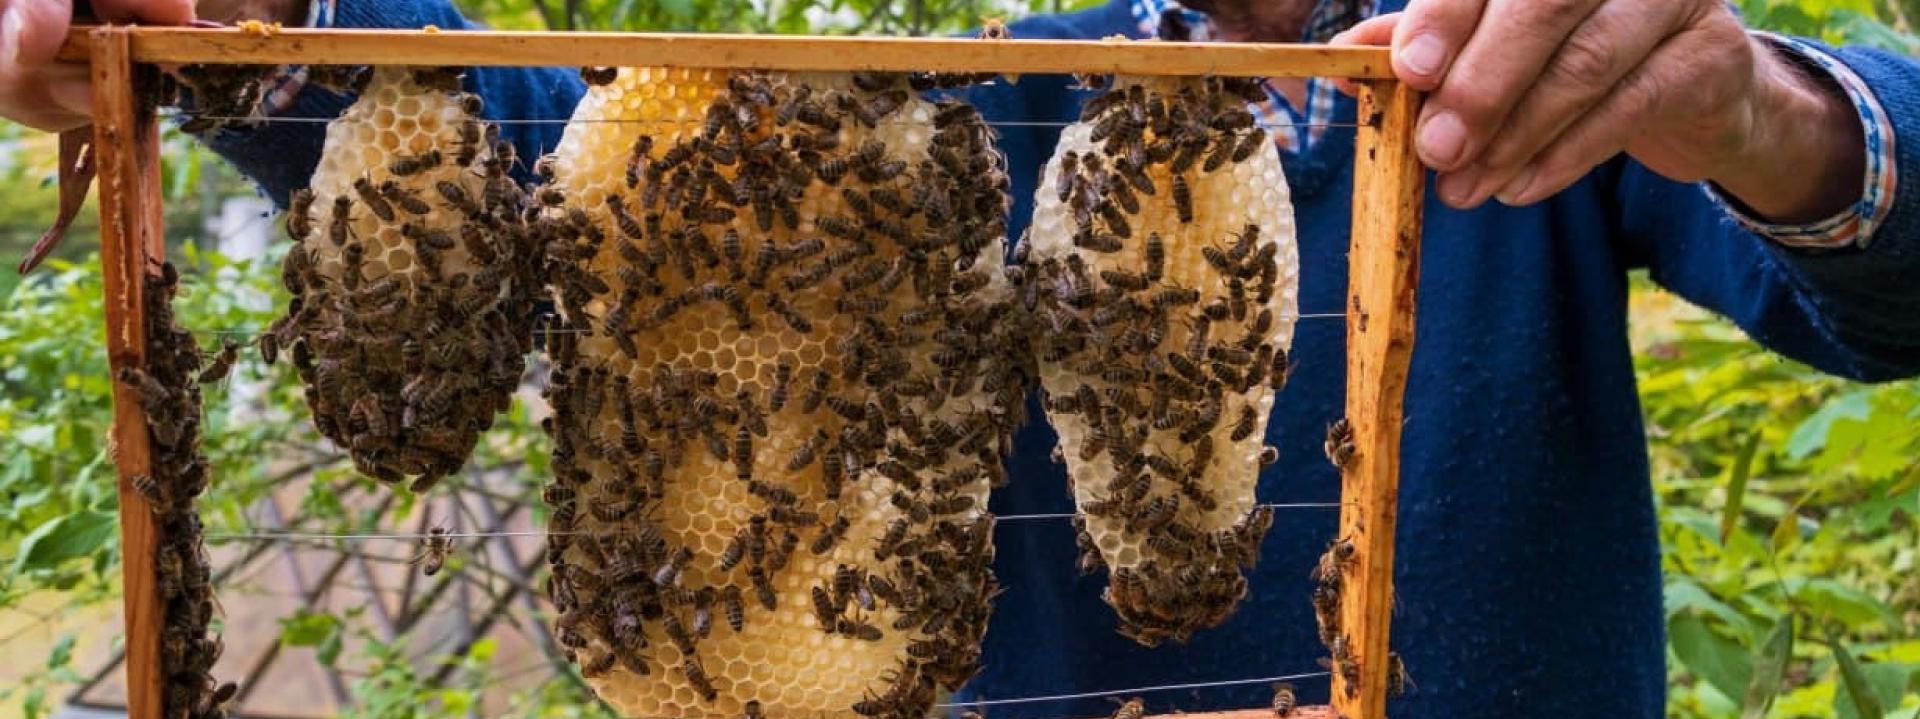 Немецкое пчеловодство — метод ротационного разведения пчёл